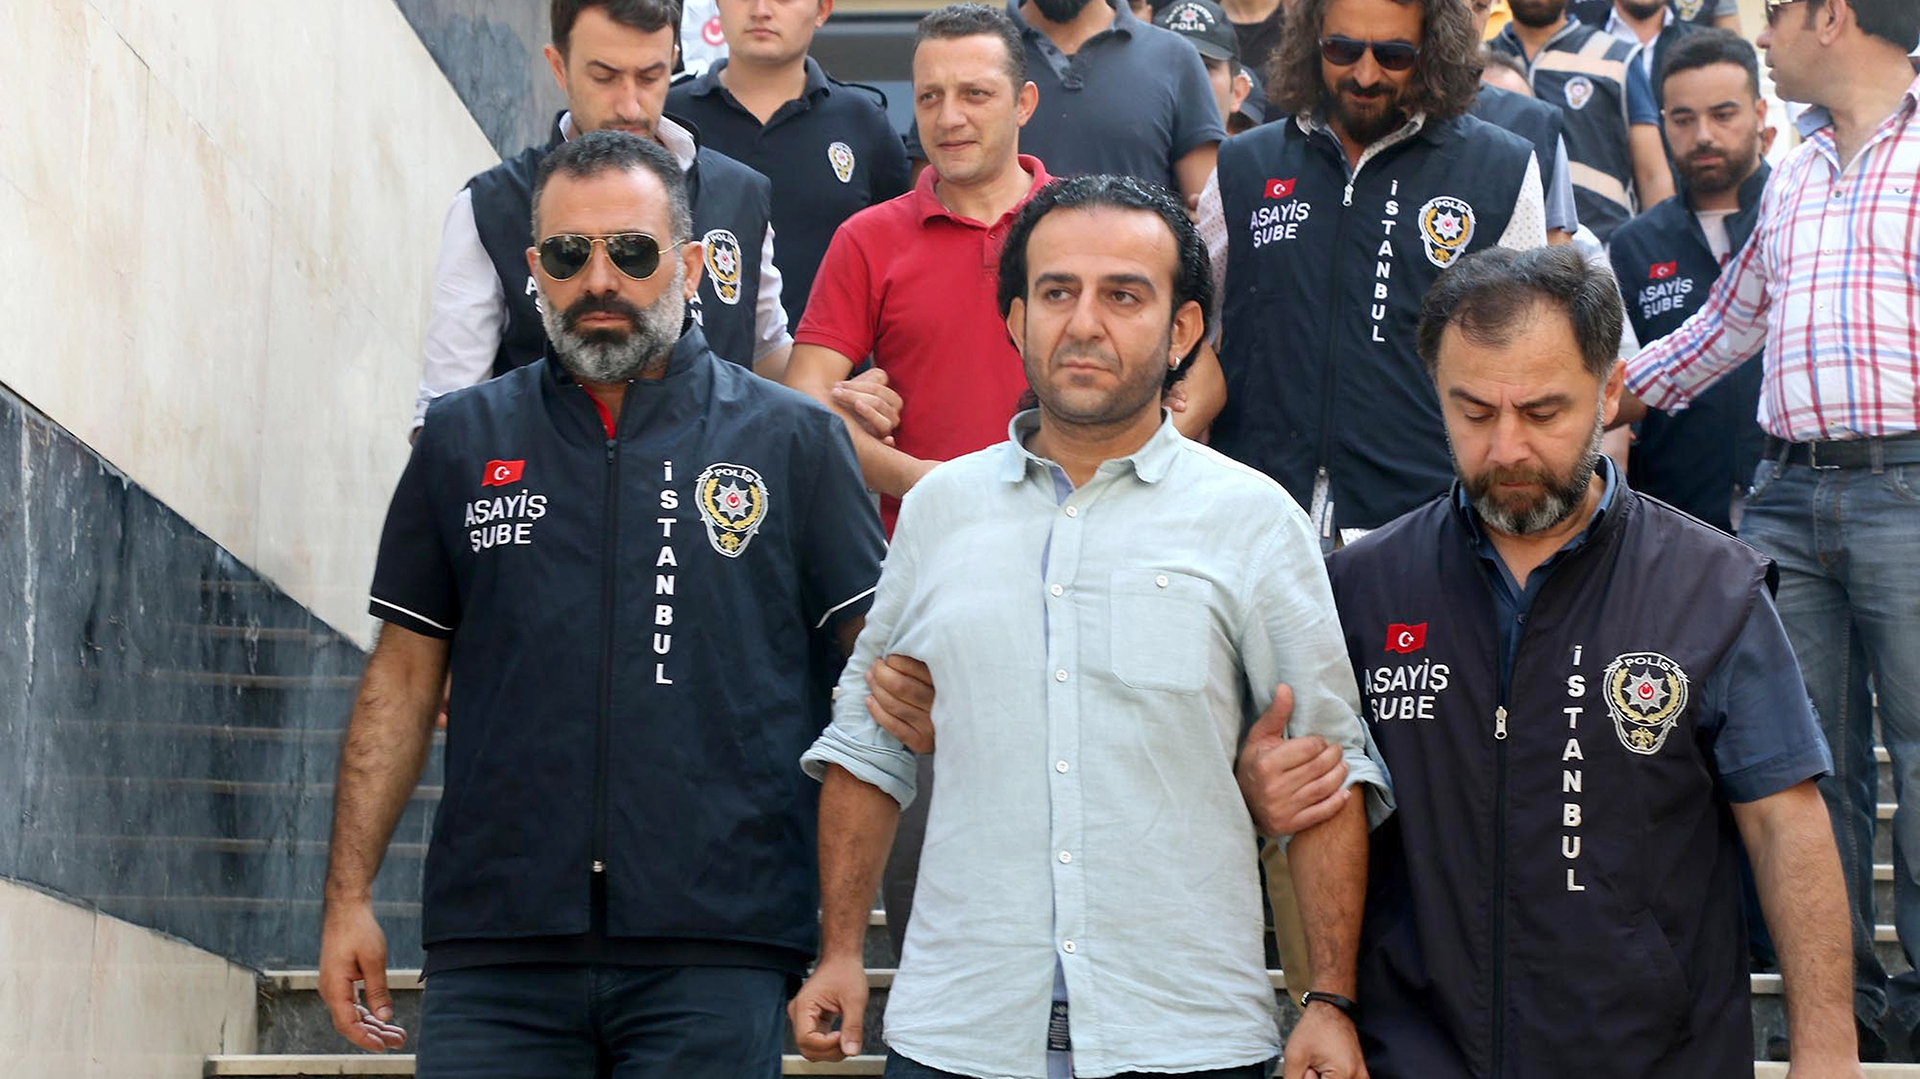 Miles de personas fueron detenidas en Turquía acusadas de conspirar contra Erdogan (AP)